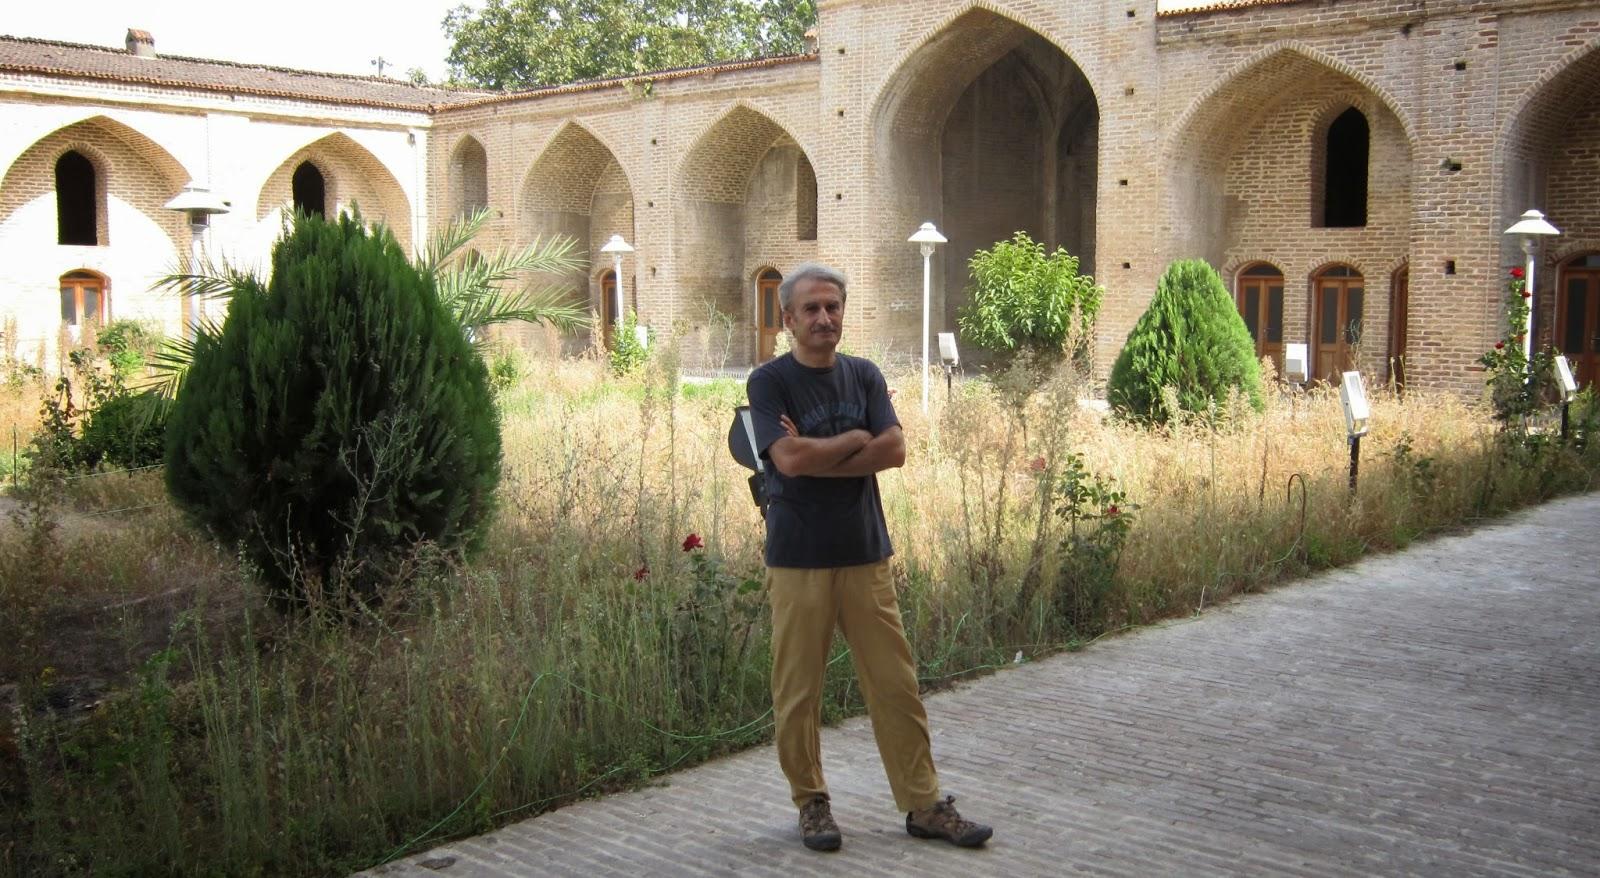 بنای تاریخی مسجد فرح آباد/مسعود بیزارگیتی